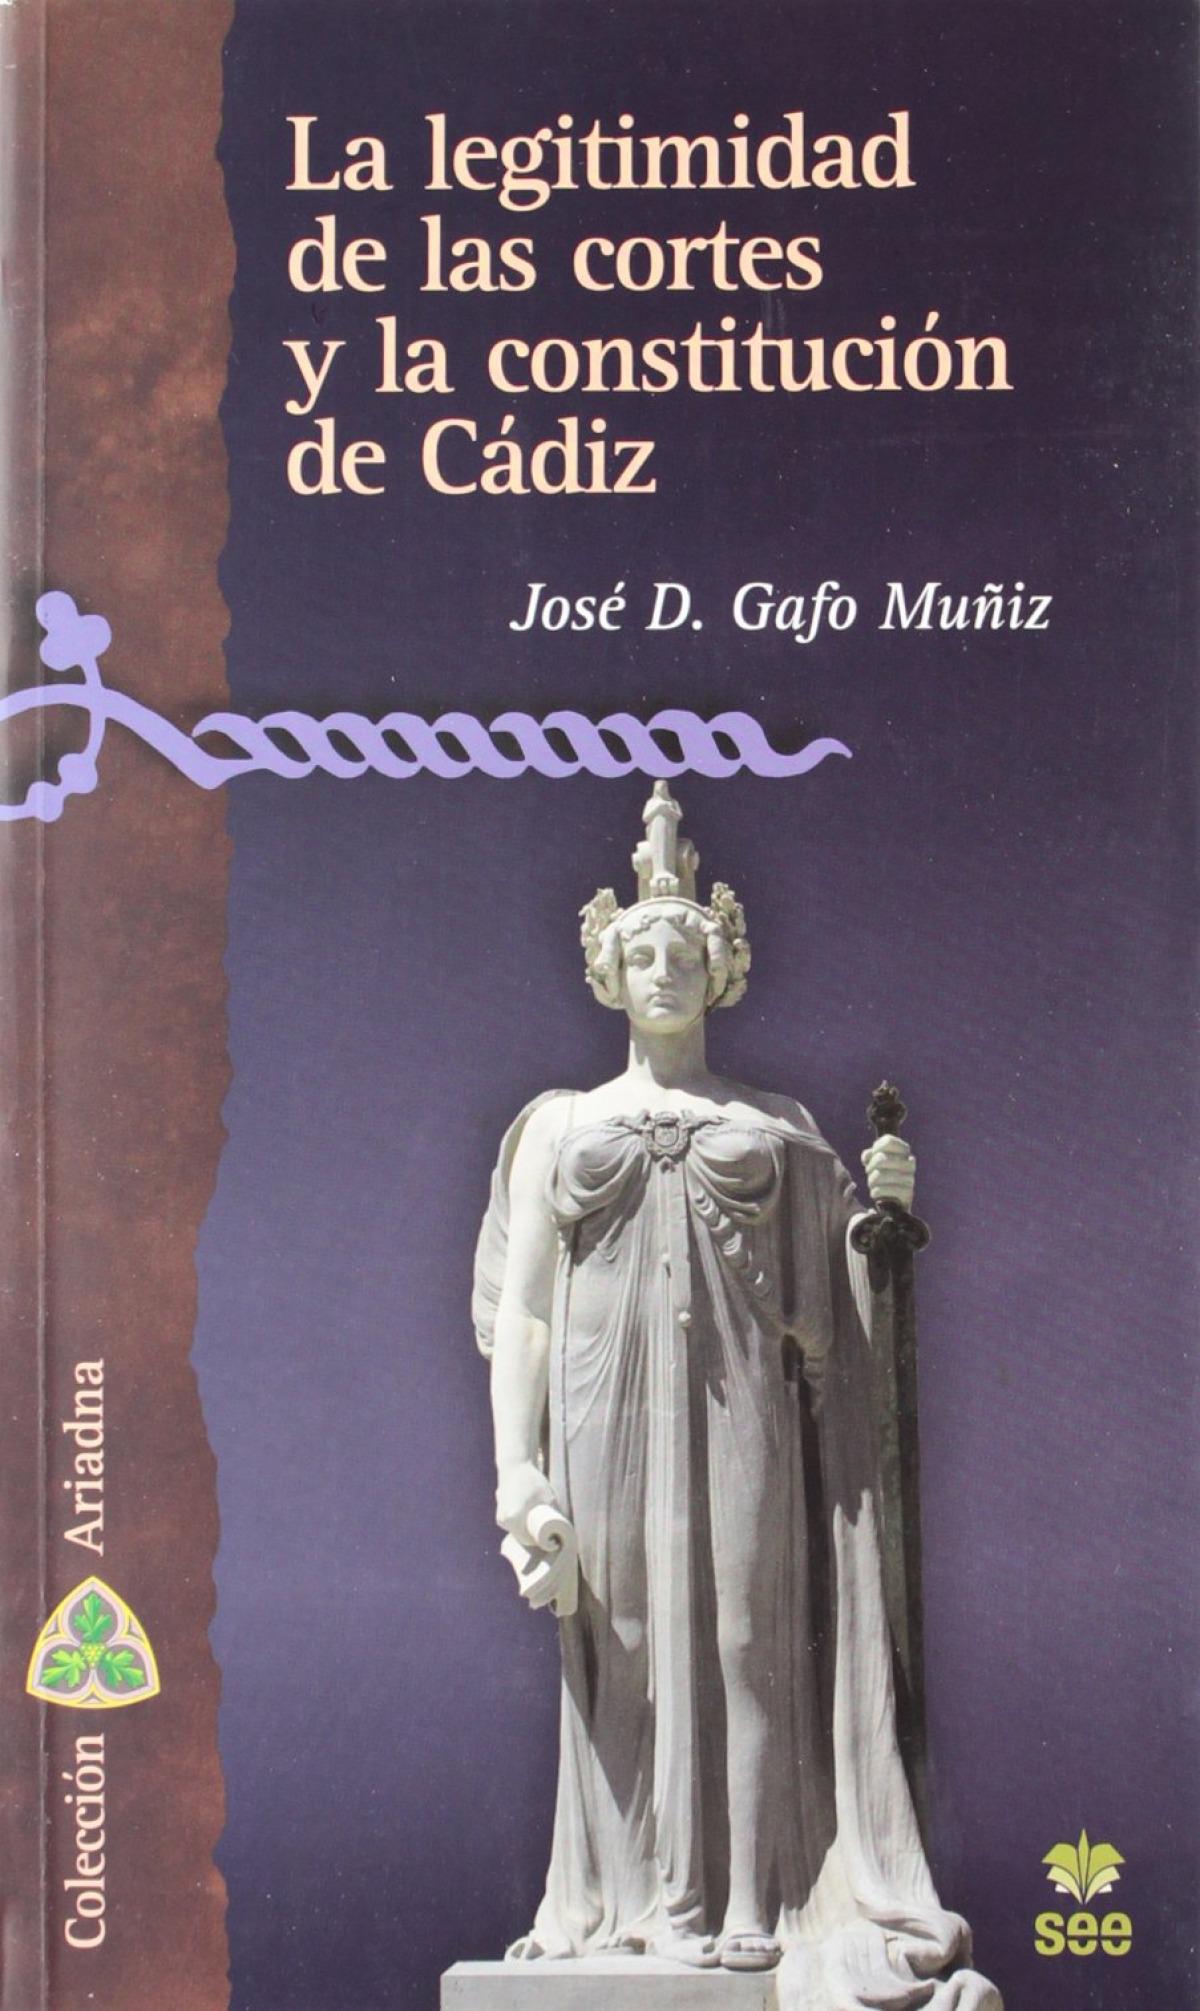 La legitimidad de las cortes y la constitución de Cádiz